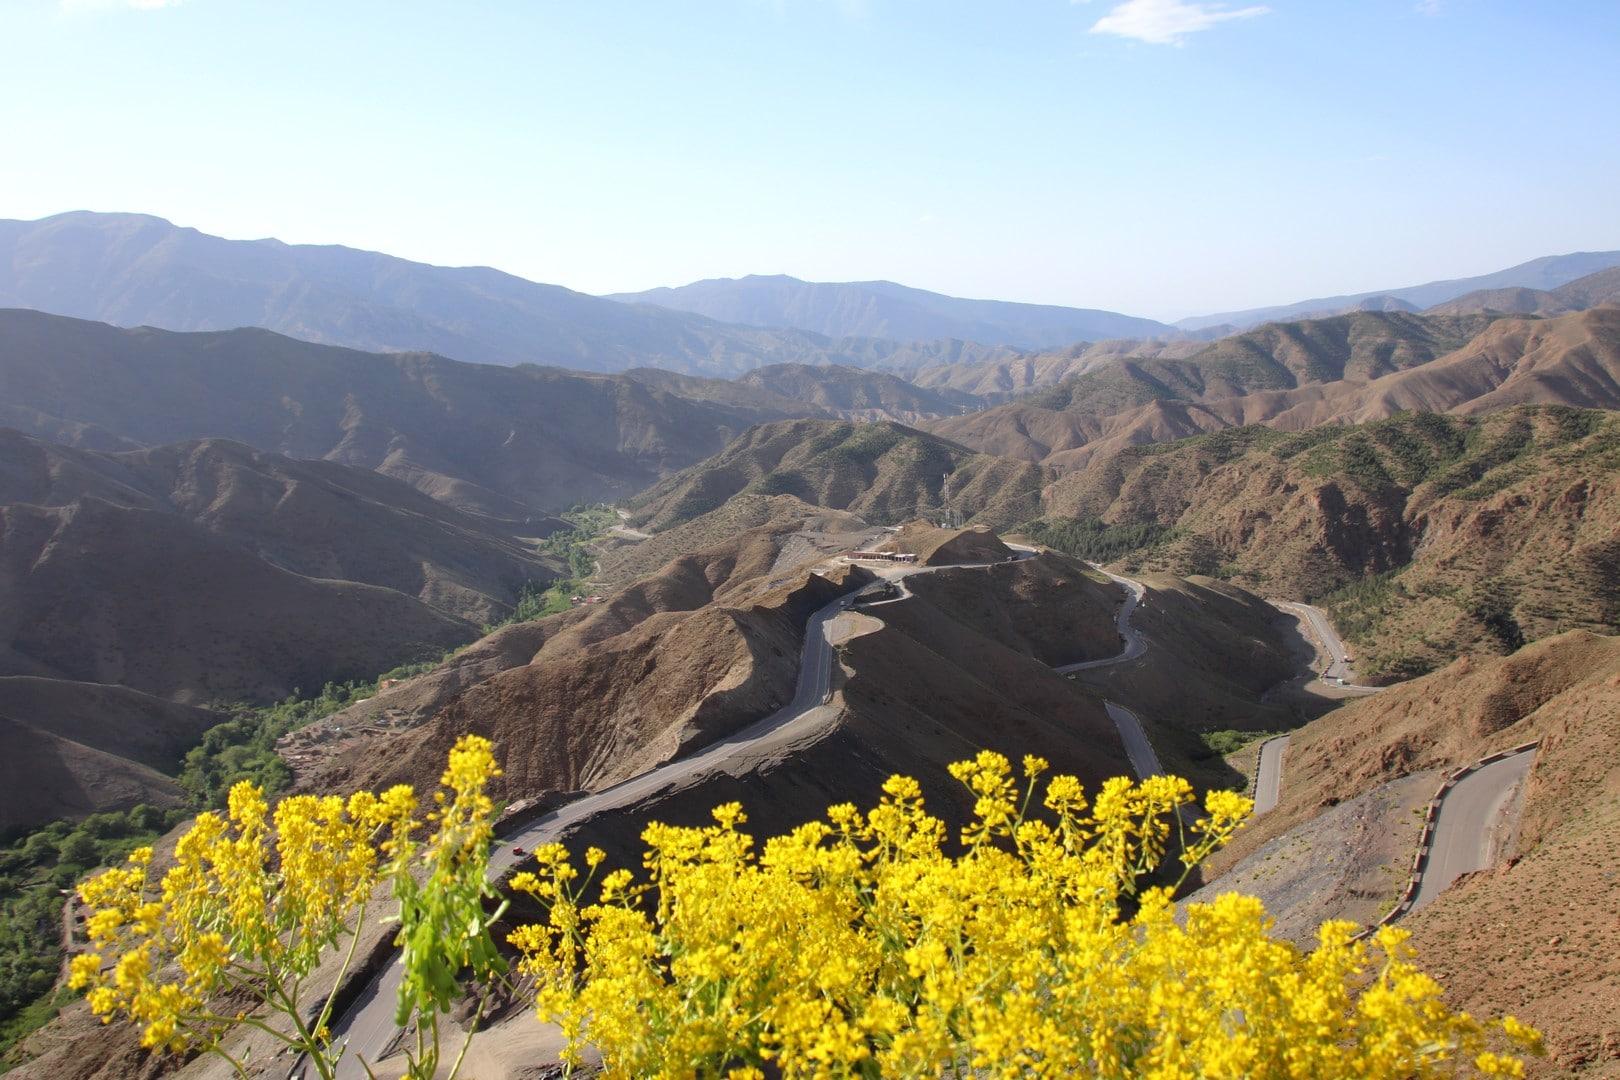 Maroc - Paysages sur la route du Tizi n Tichka